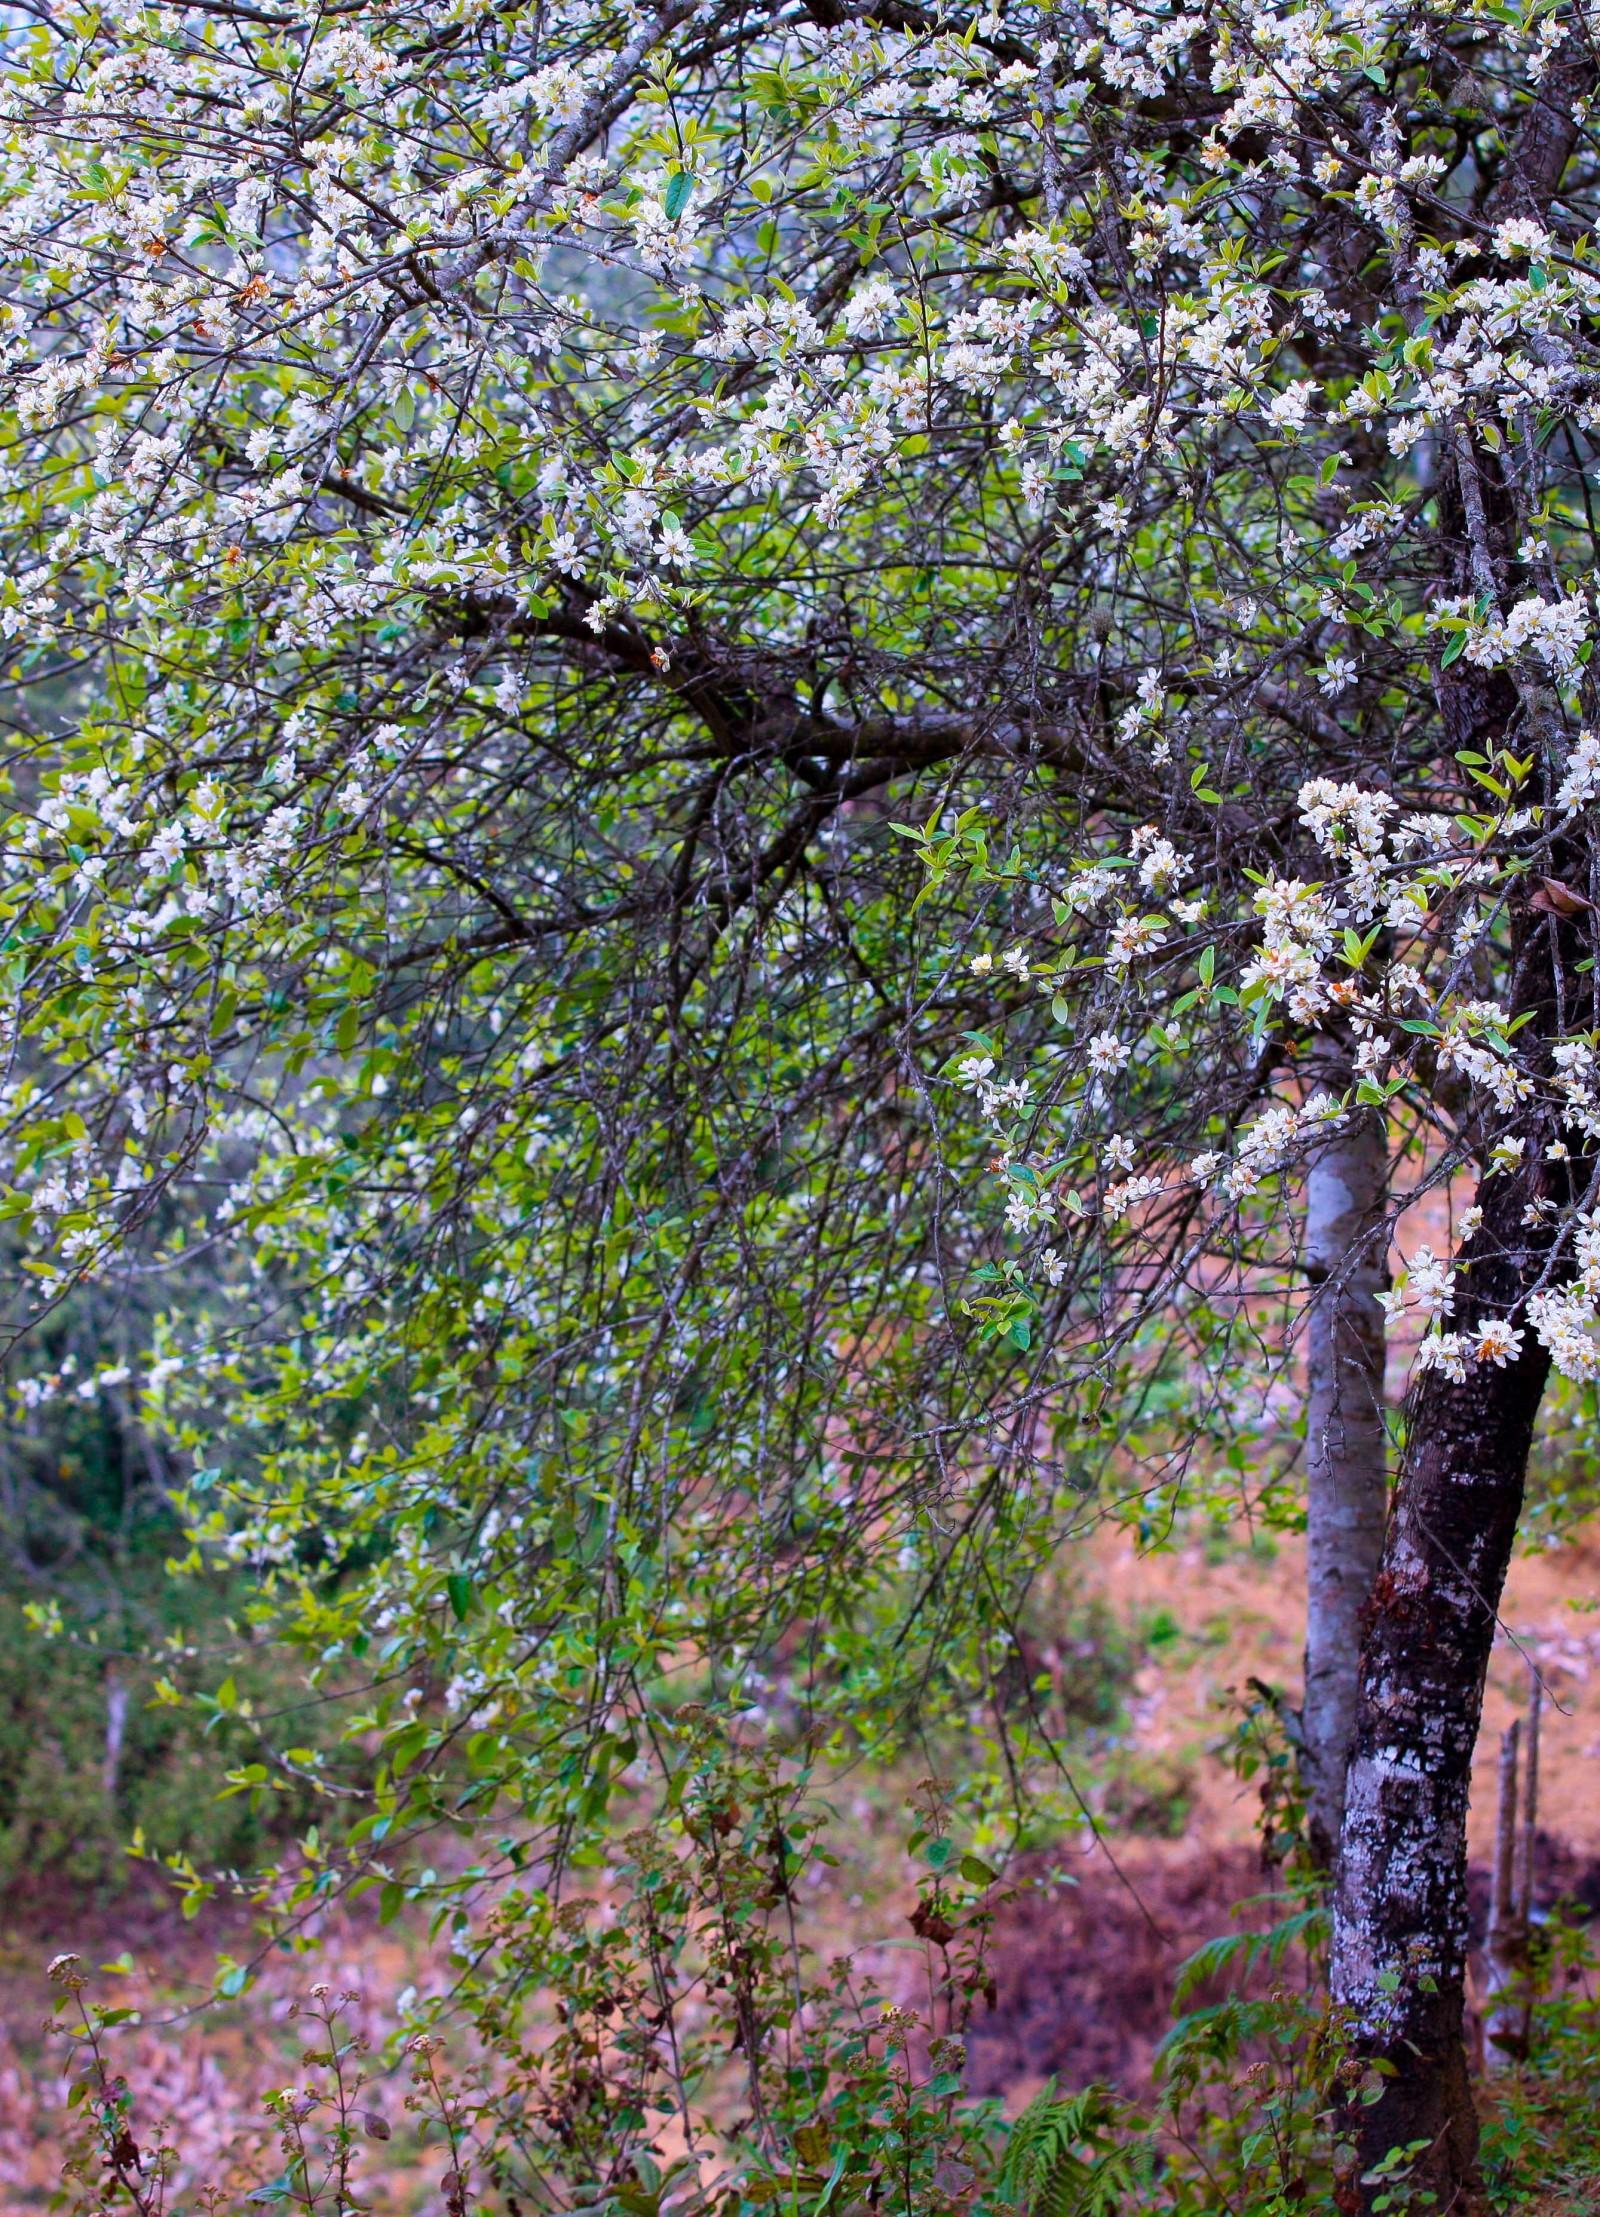 Dưới xuôi, thời gian đo bằng công việc, bằng tuần, bằng tháng còn trên những đỉnh núi cao ở Xím Vàng, nhịp thời gian tính bằng những ngày cây táo mèo ra hoa trắng và những ngày trổ quả xanh.